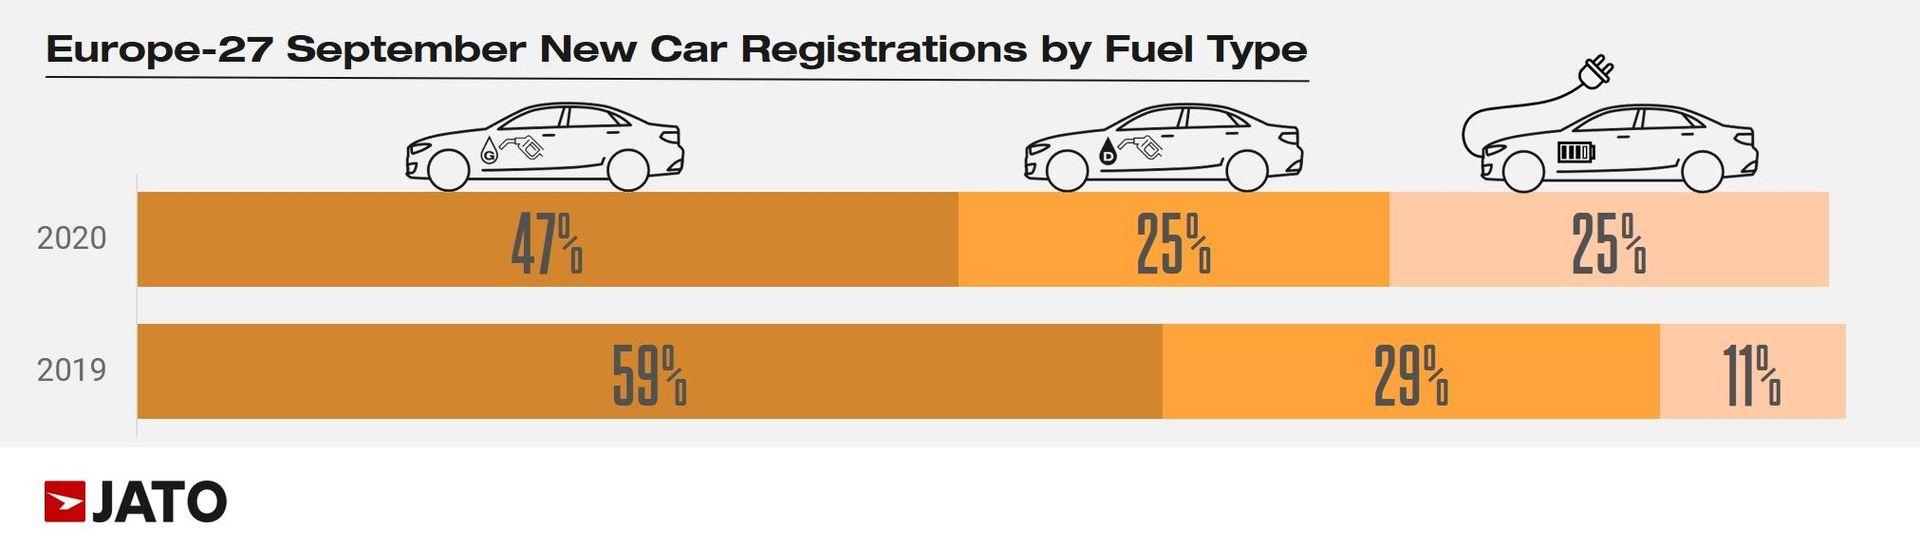 Porovnání podílu benzínových, naftových a elektrifikovaných vozů